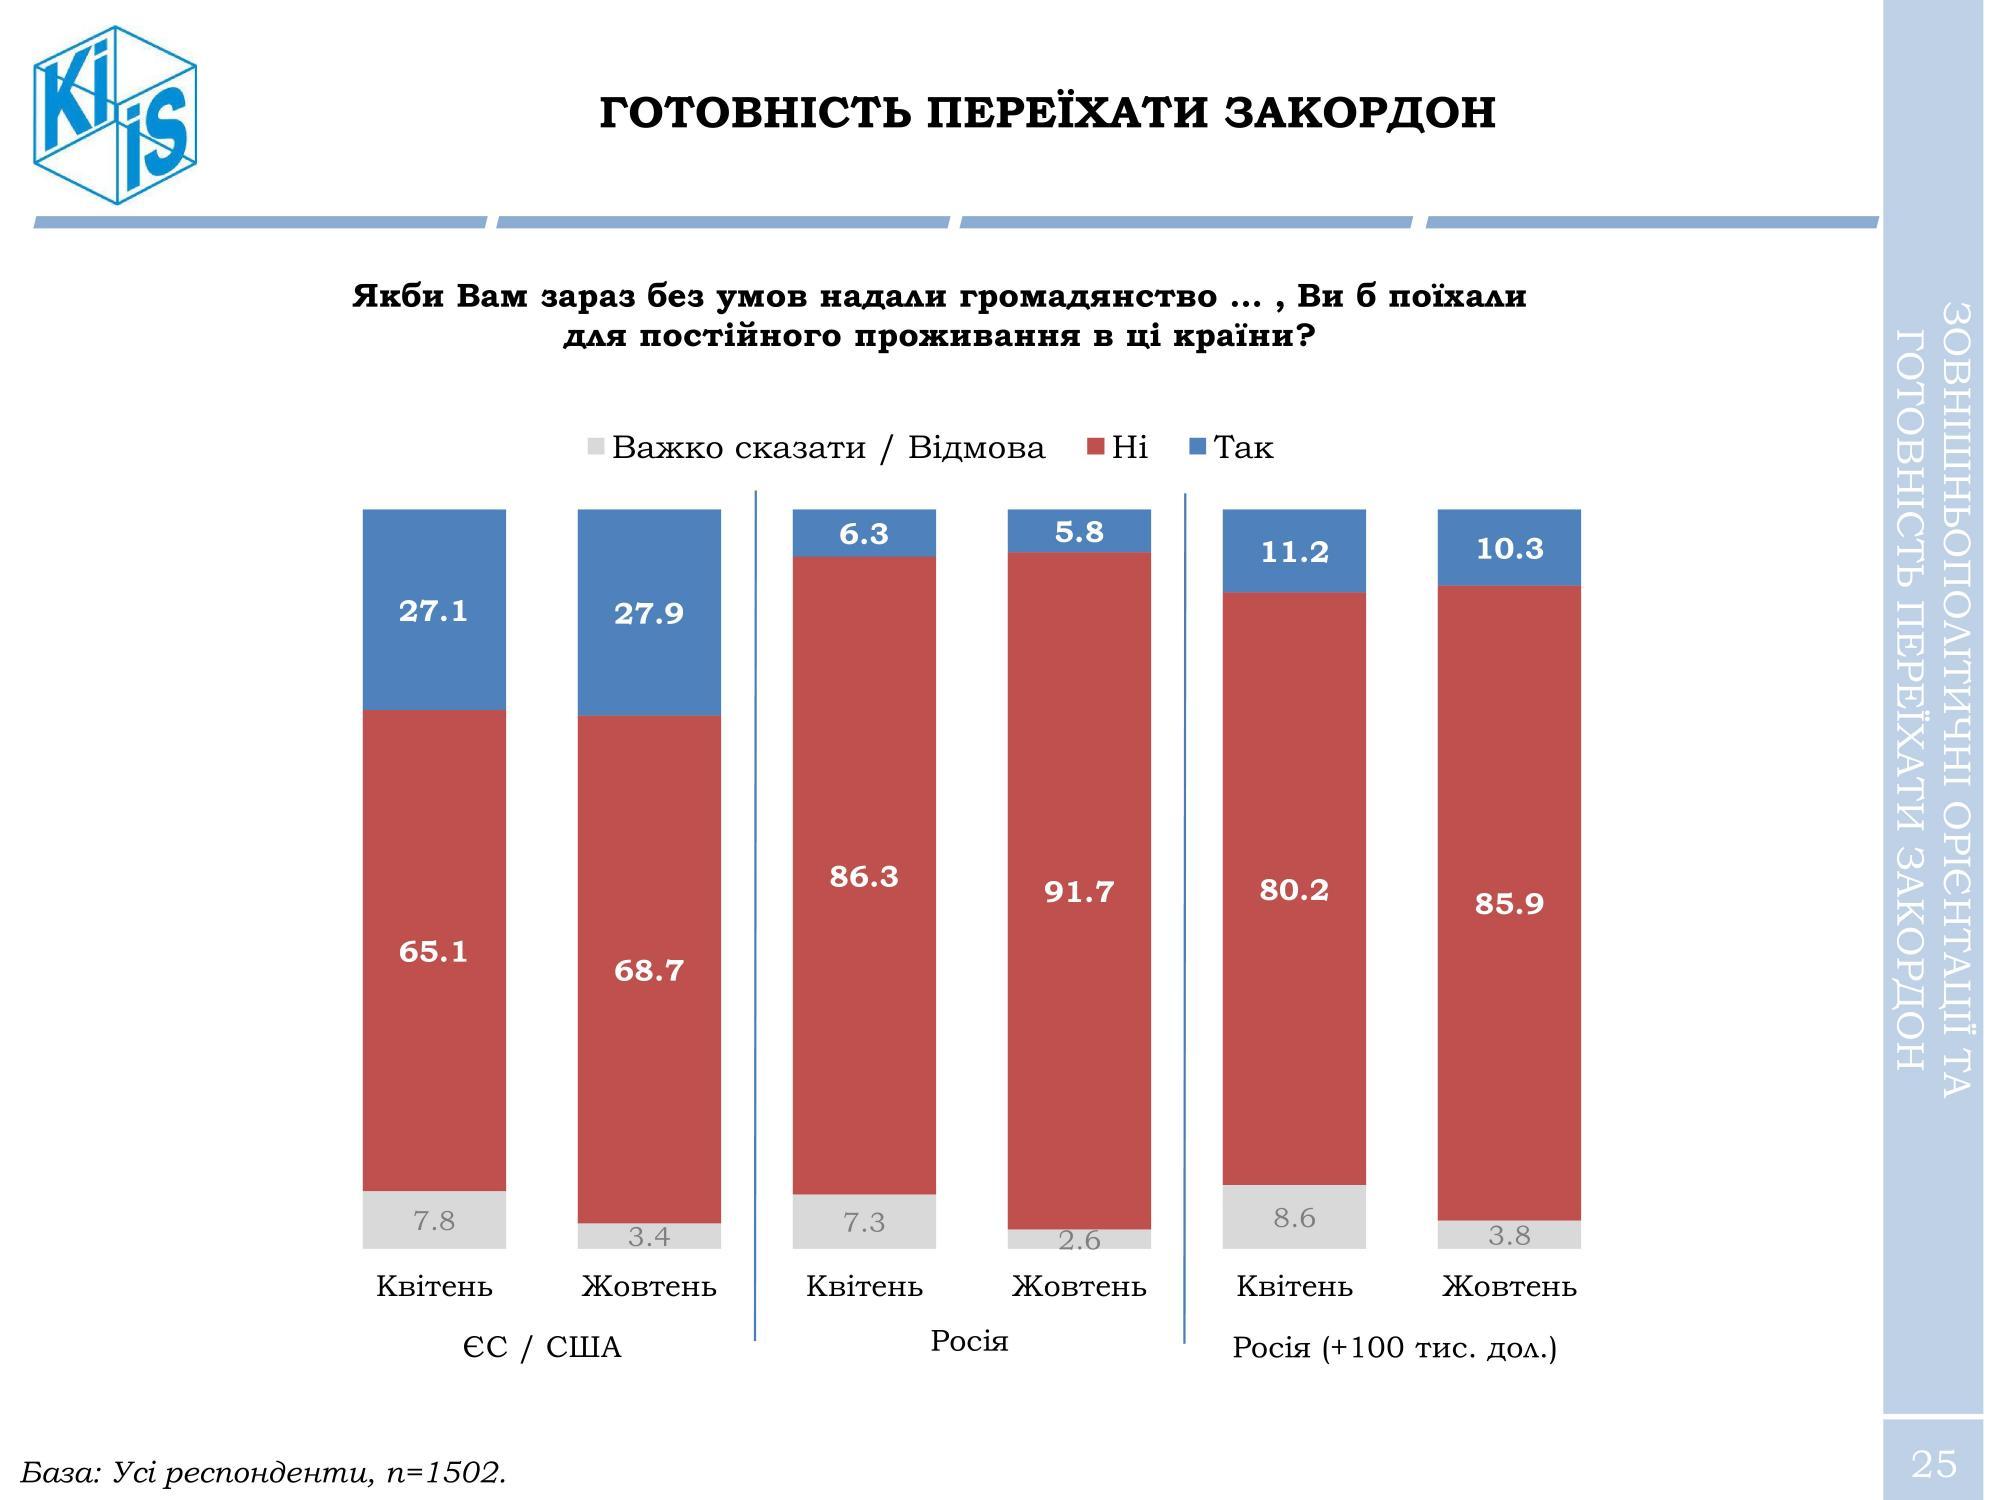 Четверть украинцев готовы уехать на Запад при условии предоставления гражданства